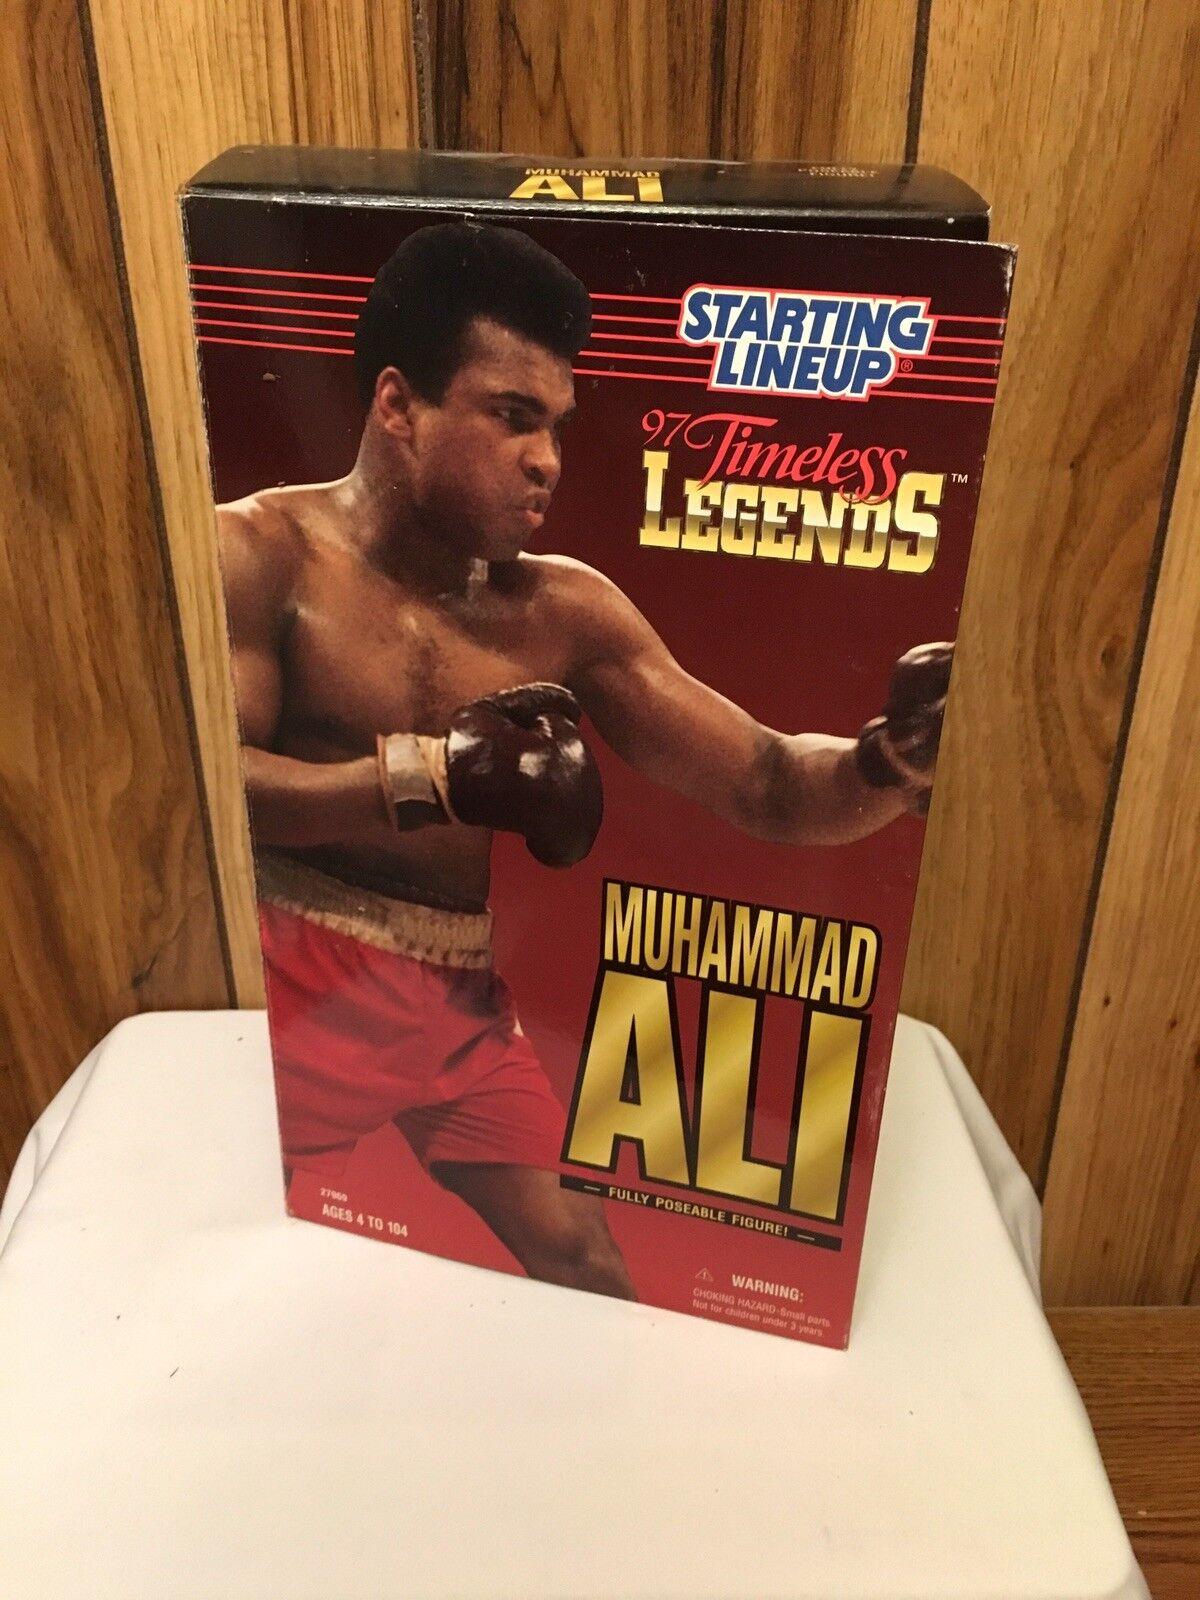 1997 Muhammad Ali 12  a partir Lineup atemporal Leyendas Figura Poseable Totalmente Nuevo En Caja